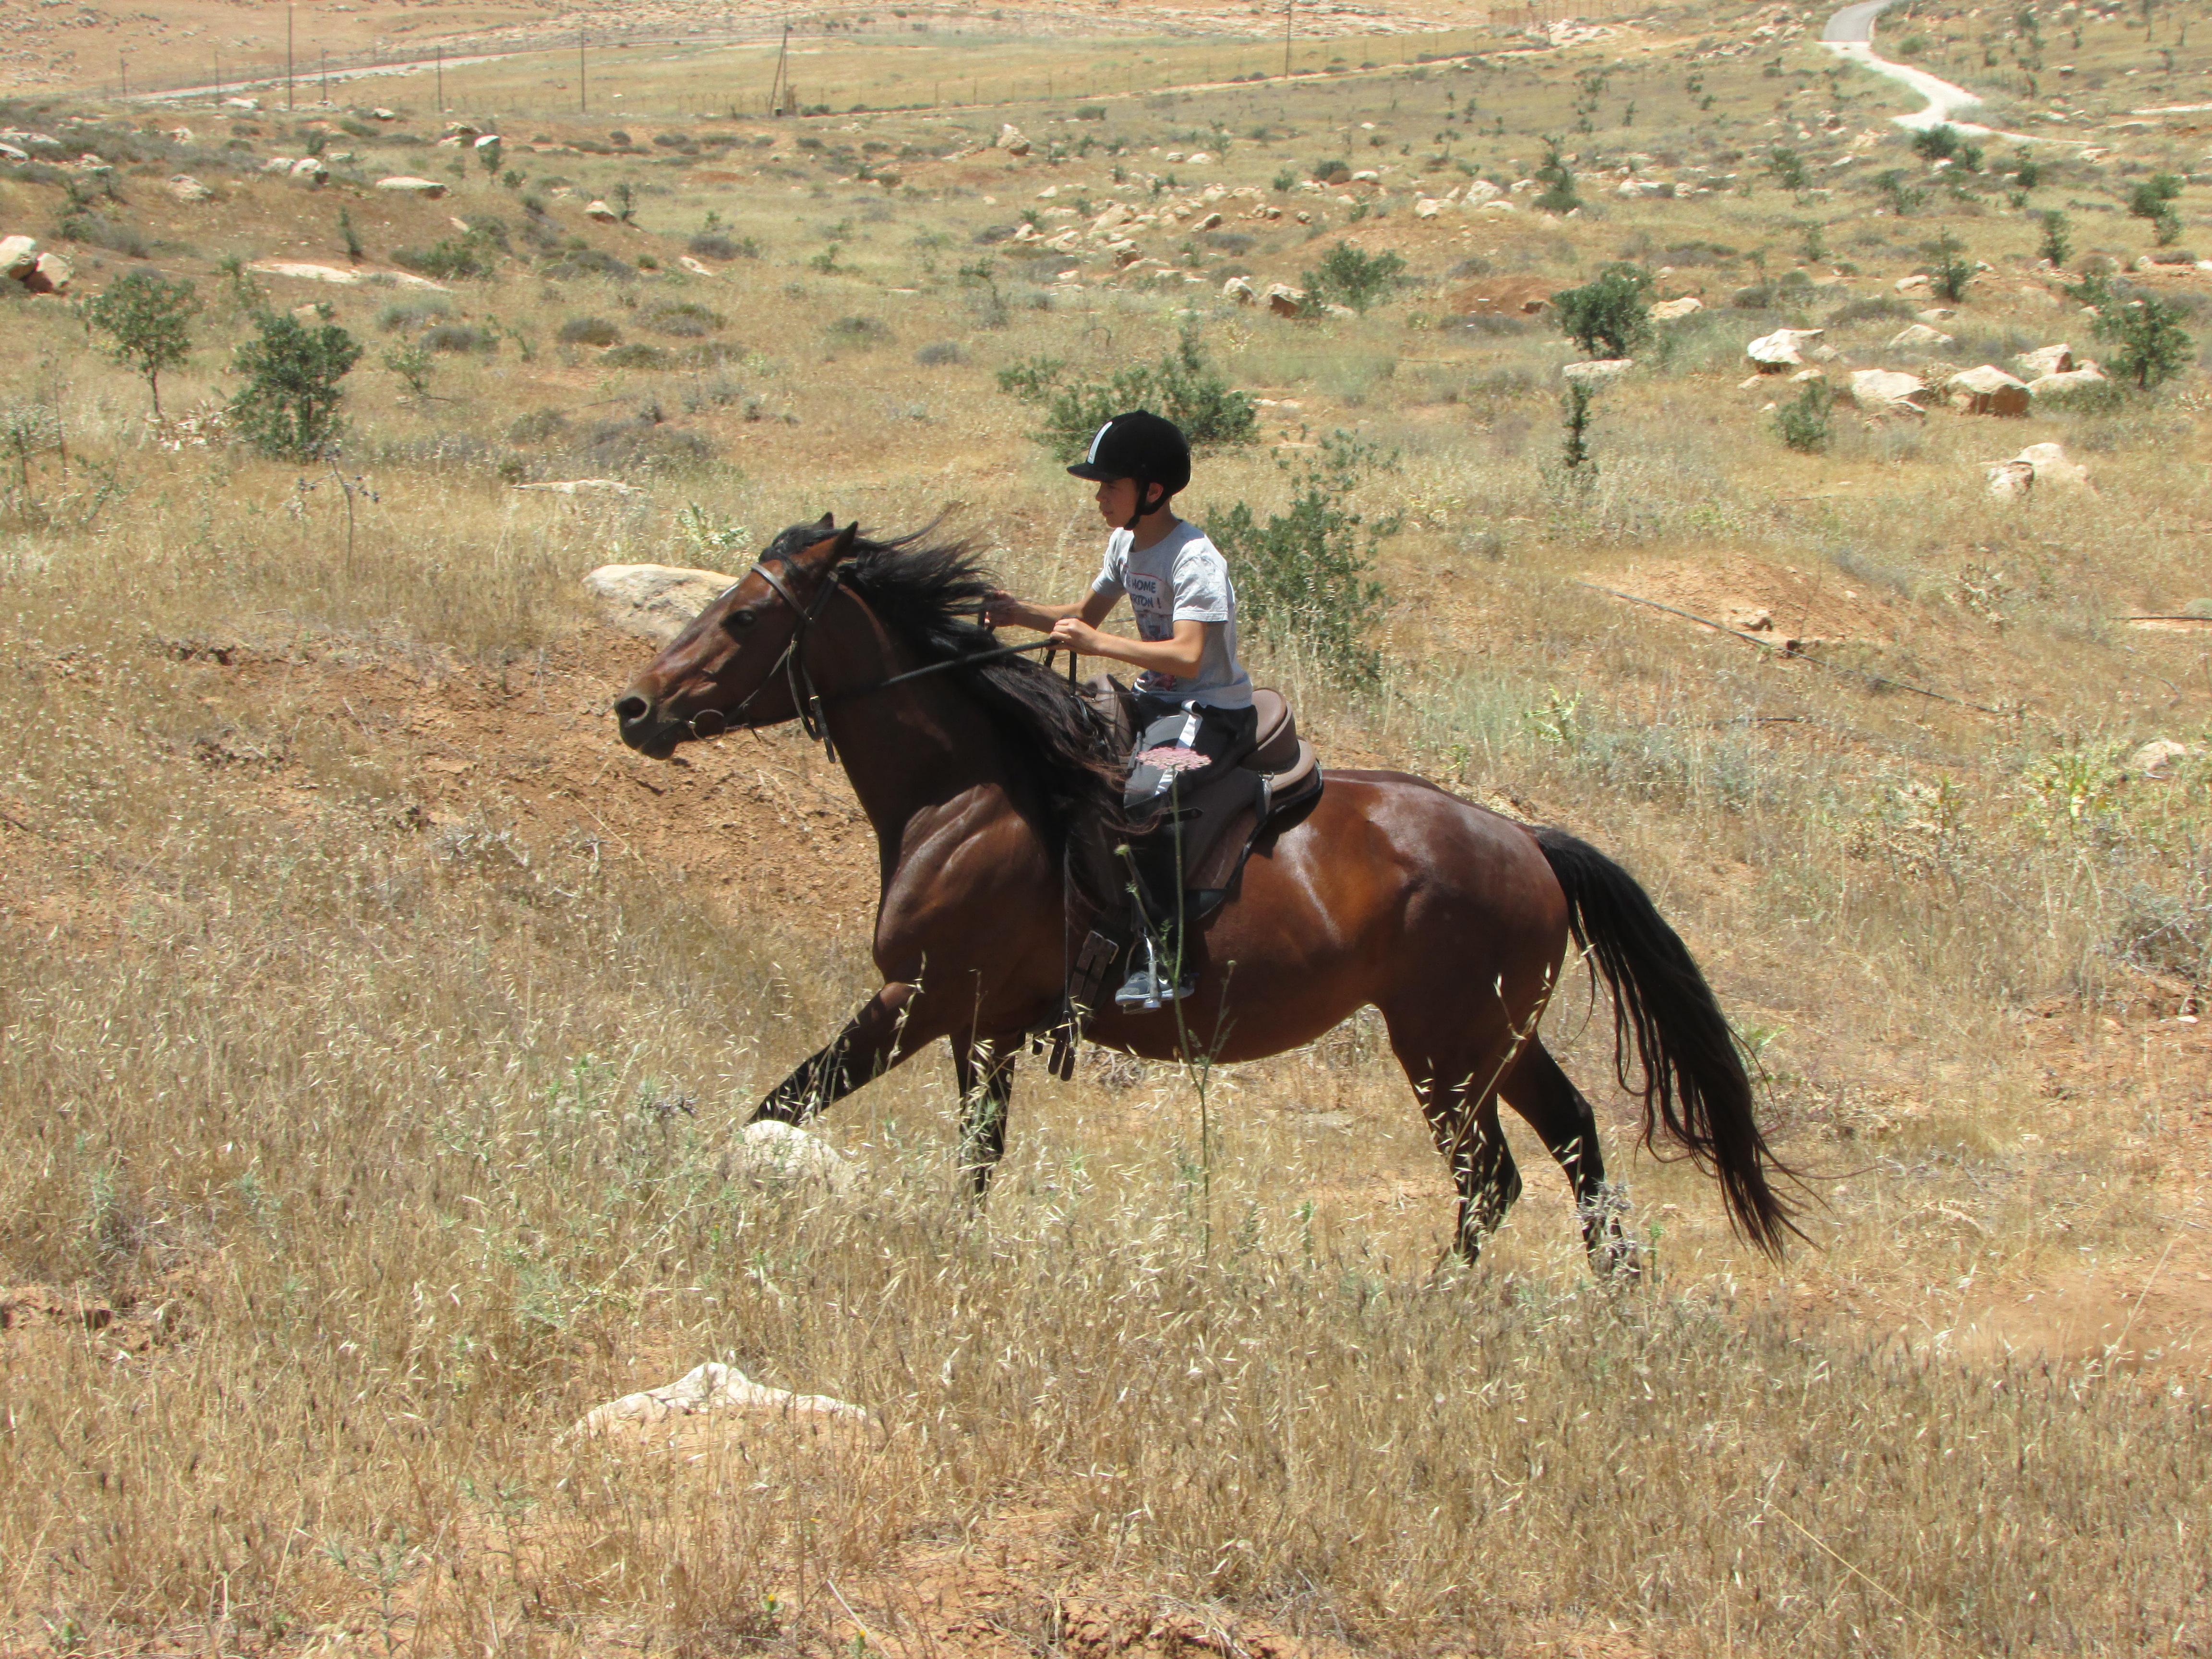 פתיח+סוסים+ברוח+אחרת.JPG